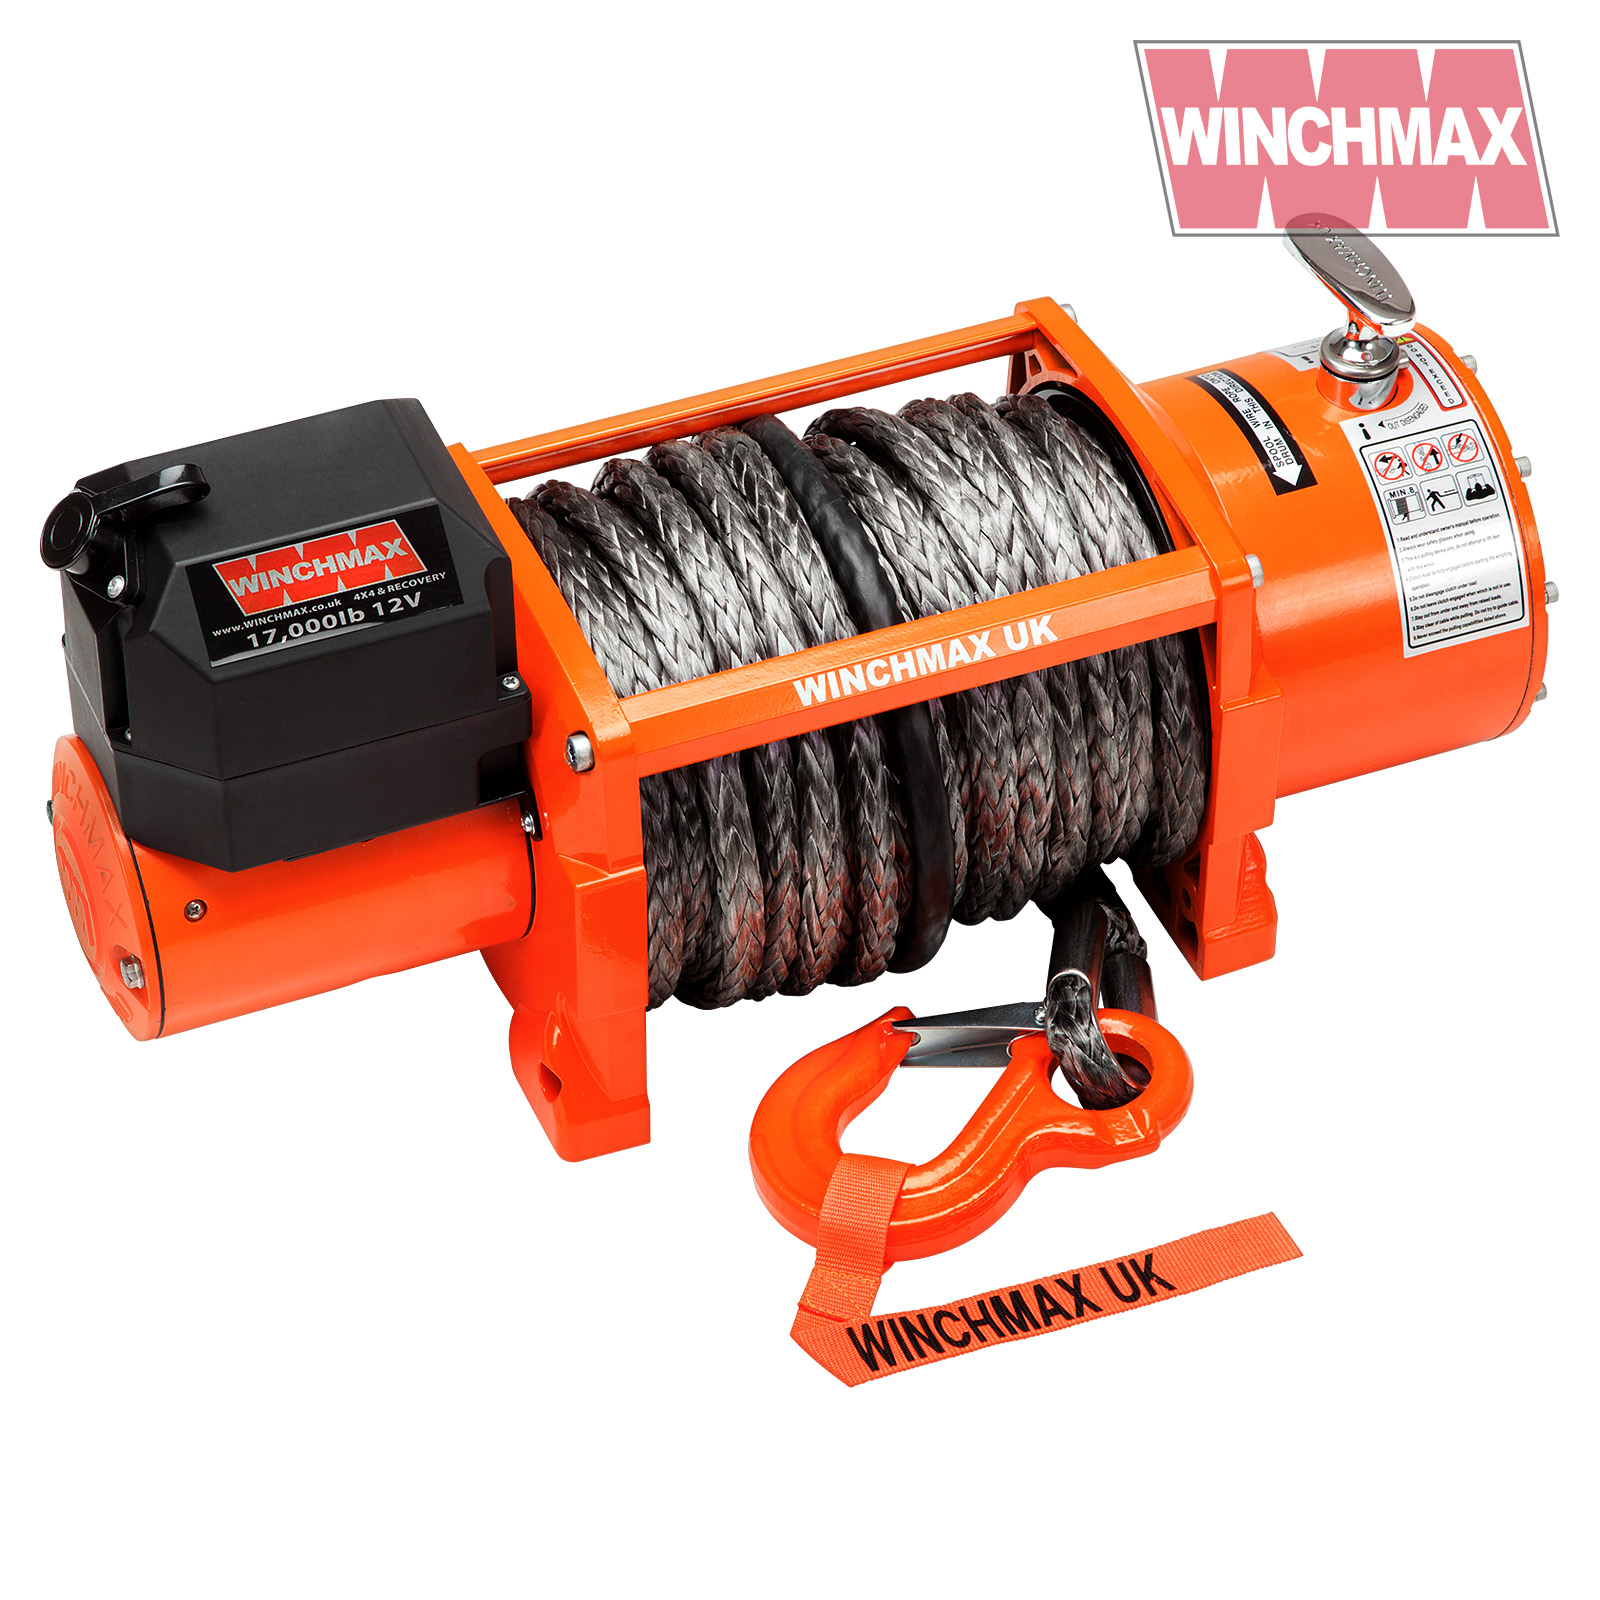 Wm1700012vrs winchmax 064